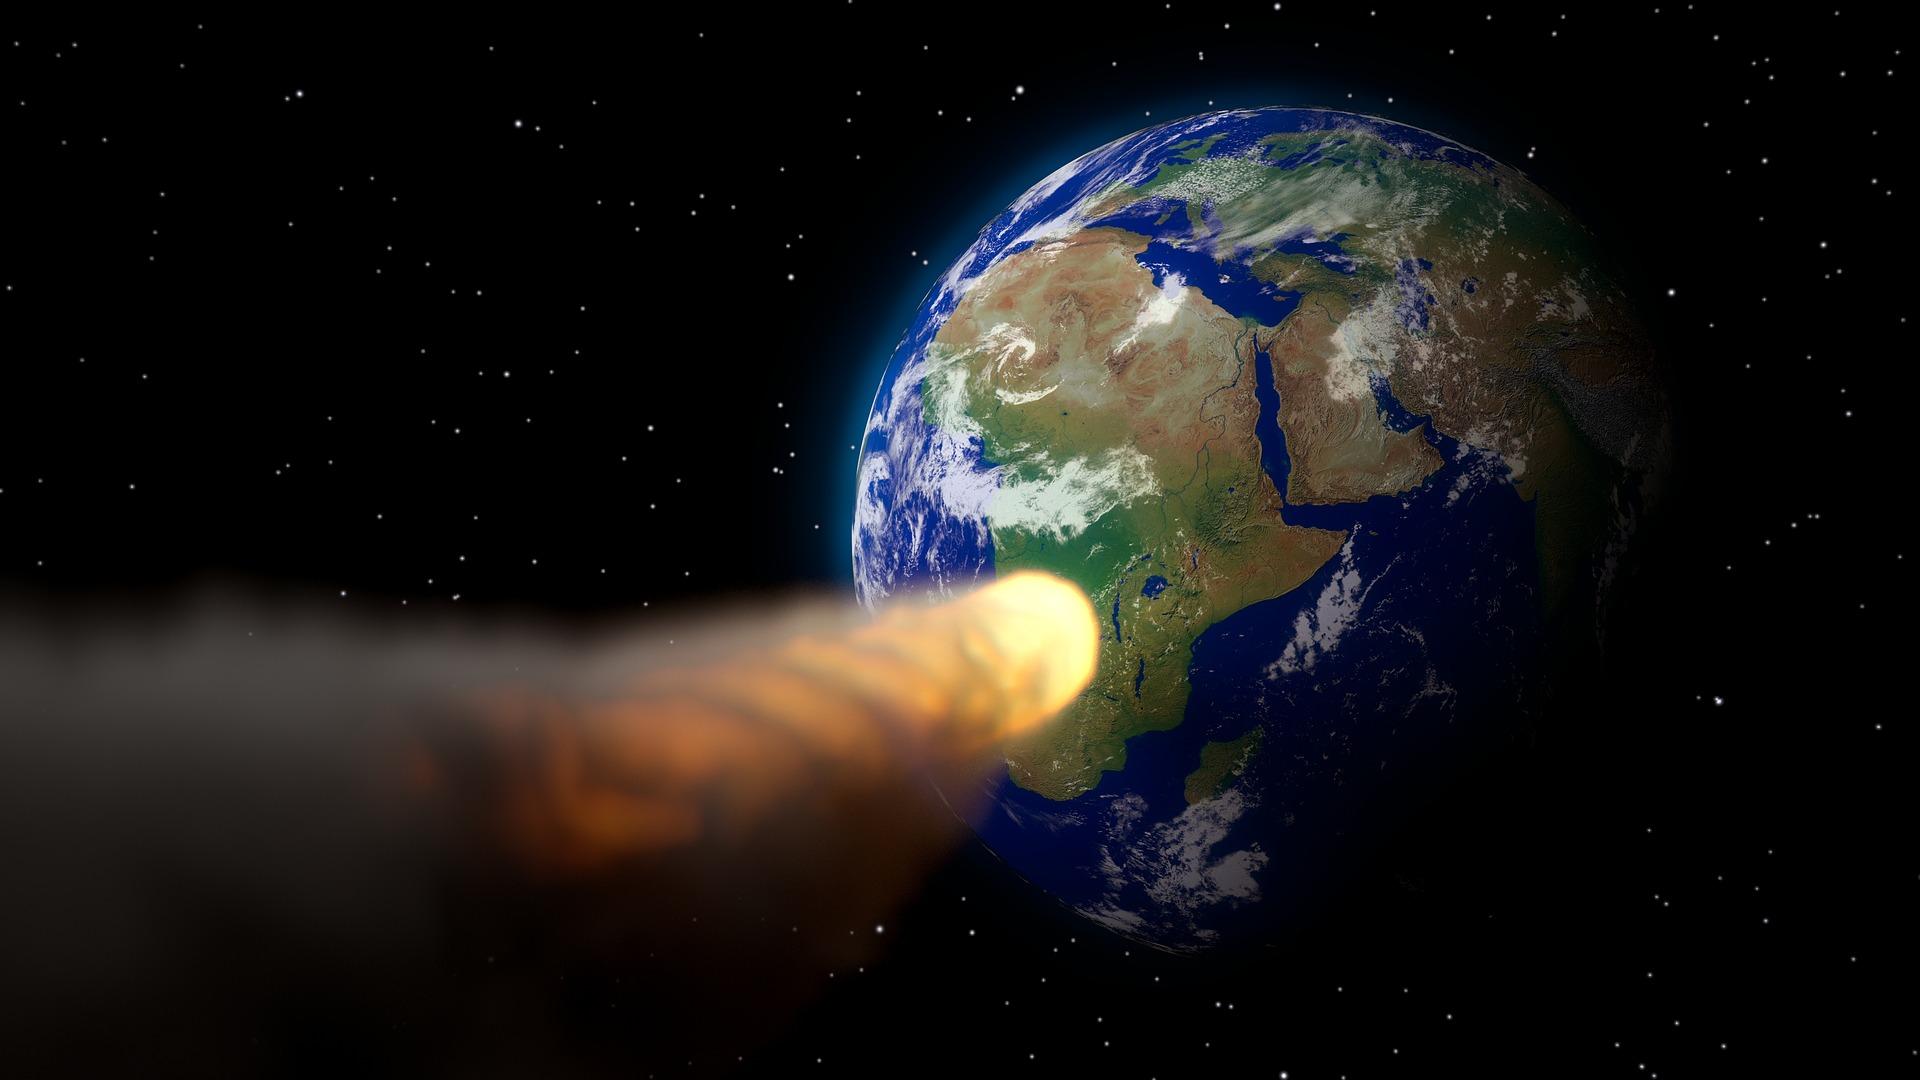 69d8427a916c A Florence aszteroida az egyik legnagyobb a Föld közelében mozgó égitestek  közül. Meglehetősen fényes lesz, így akár az amatőr csillagászok is meg  tudják ...